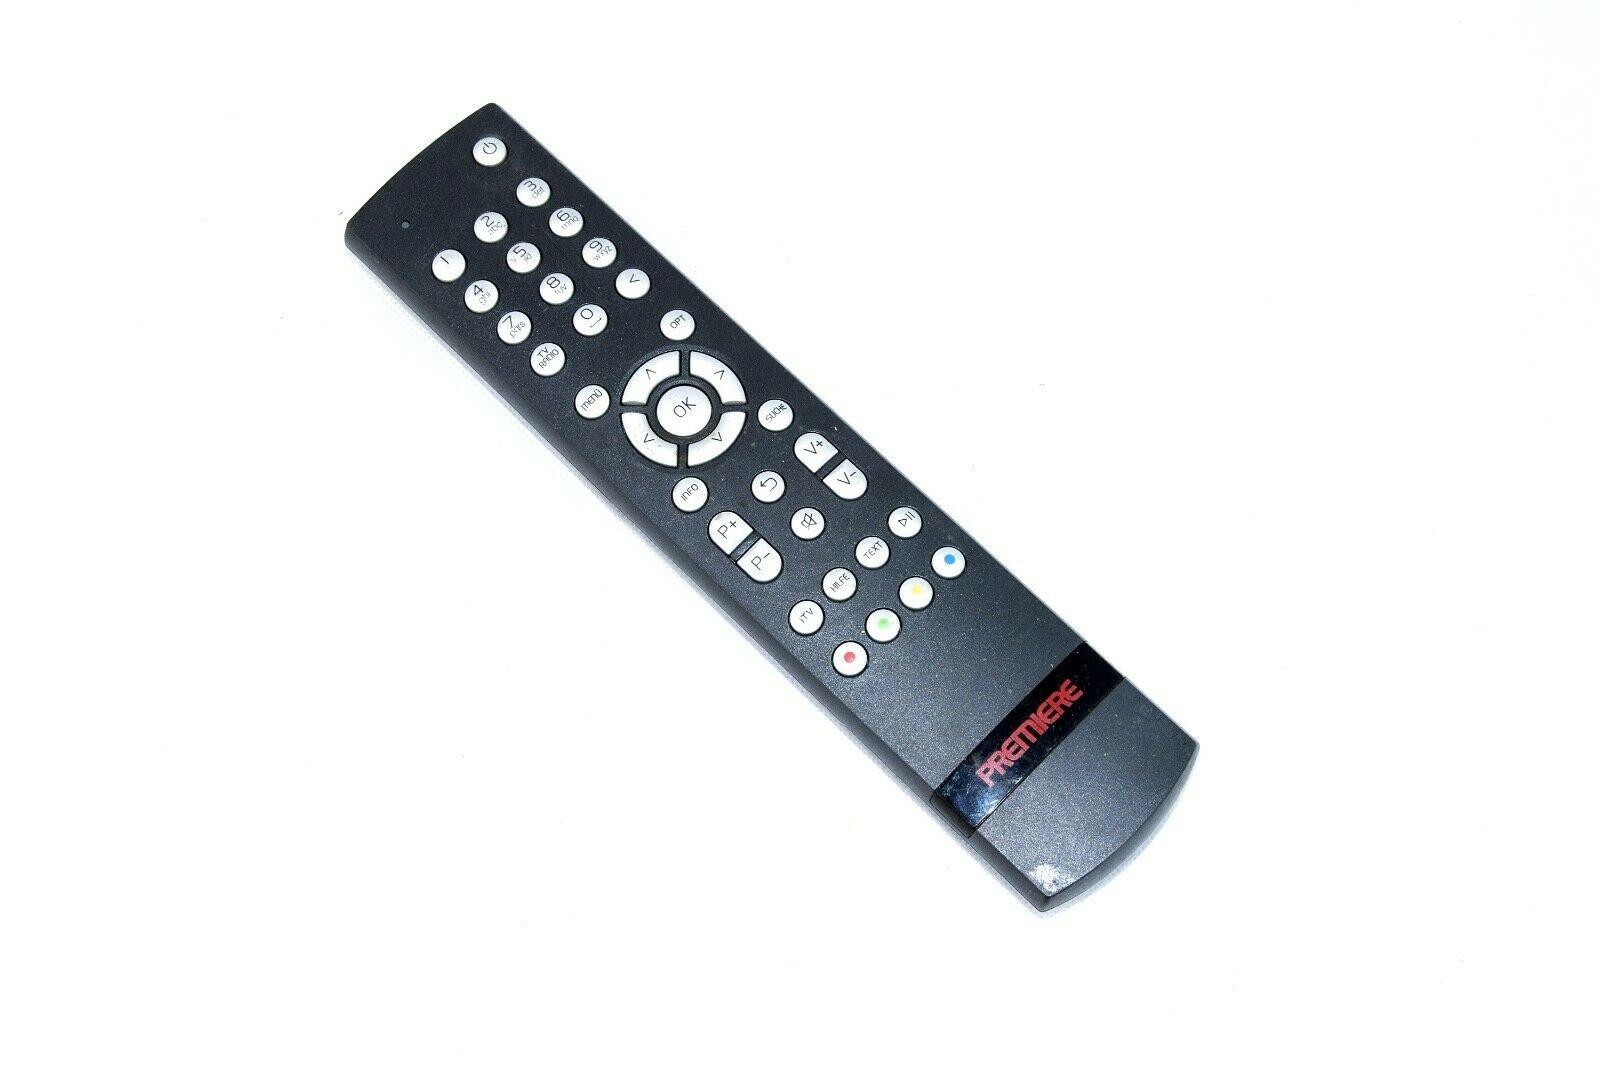 Premiere PRC-10 Original TV Remote Control